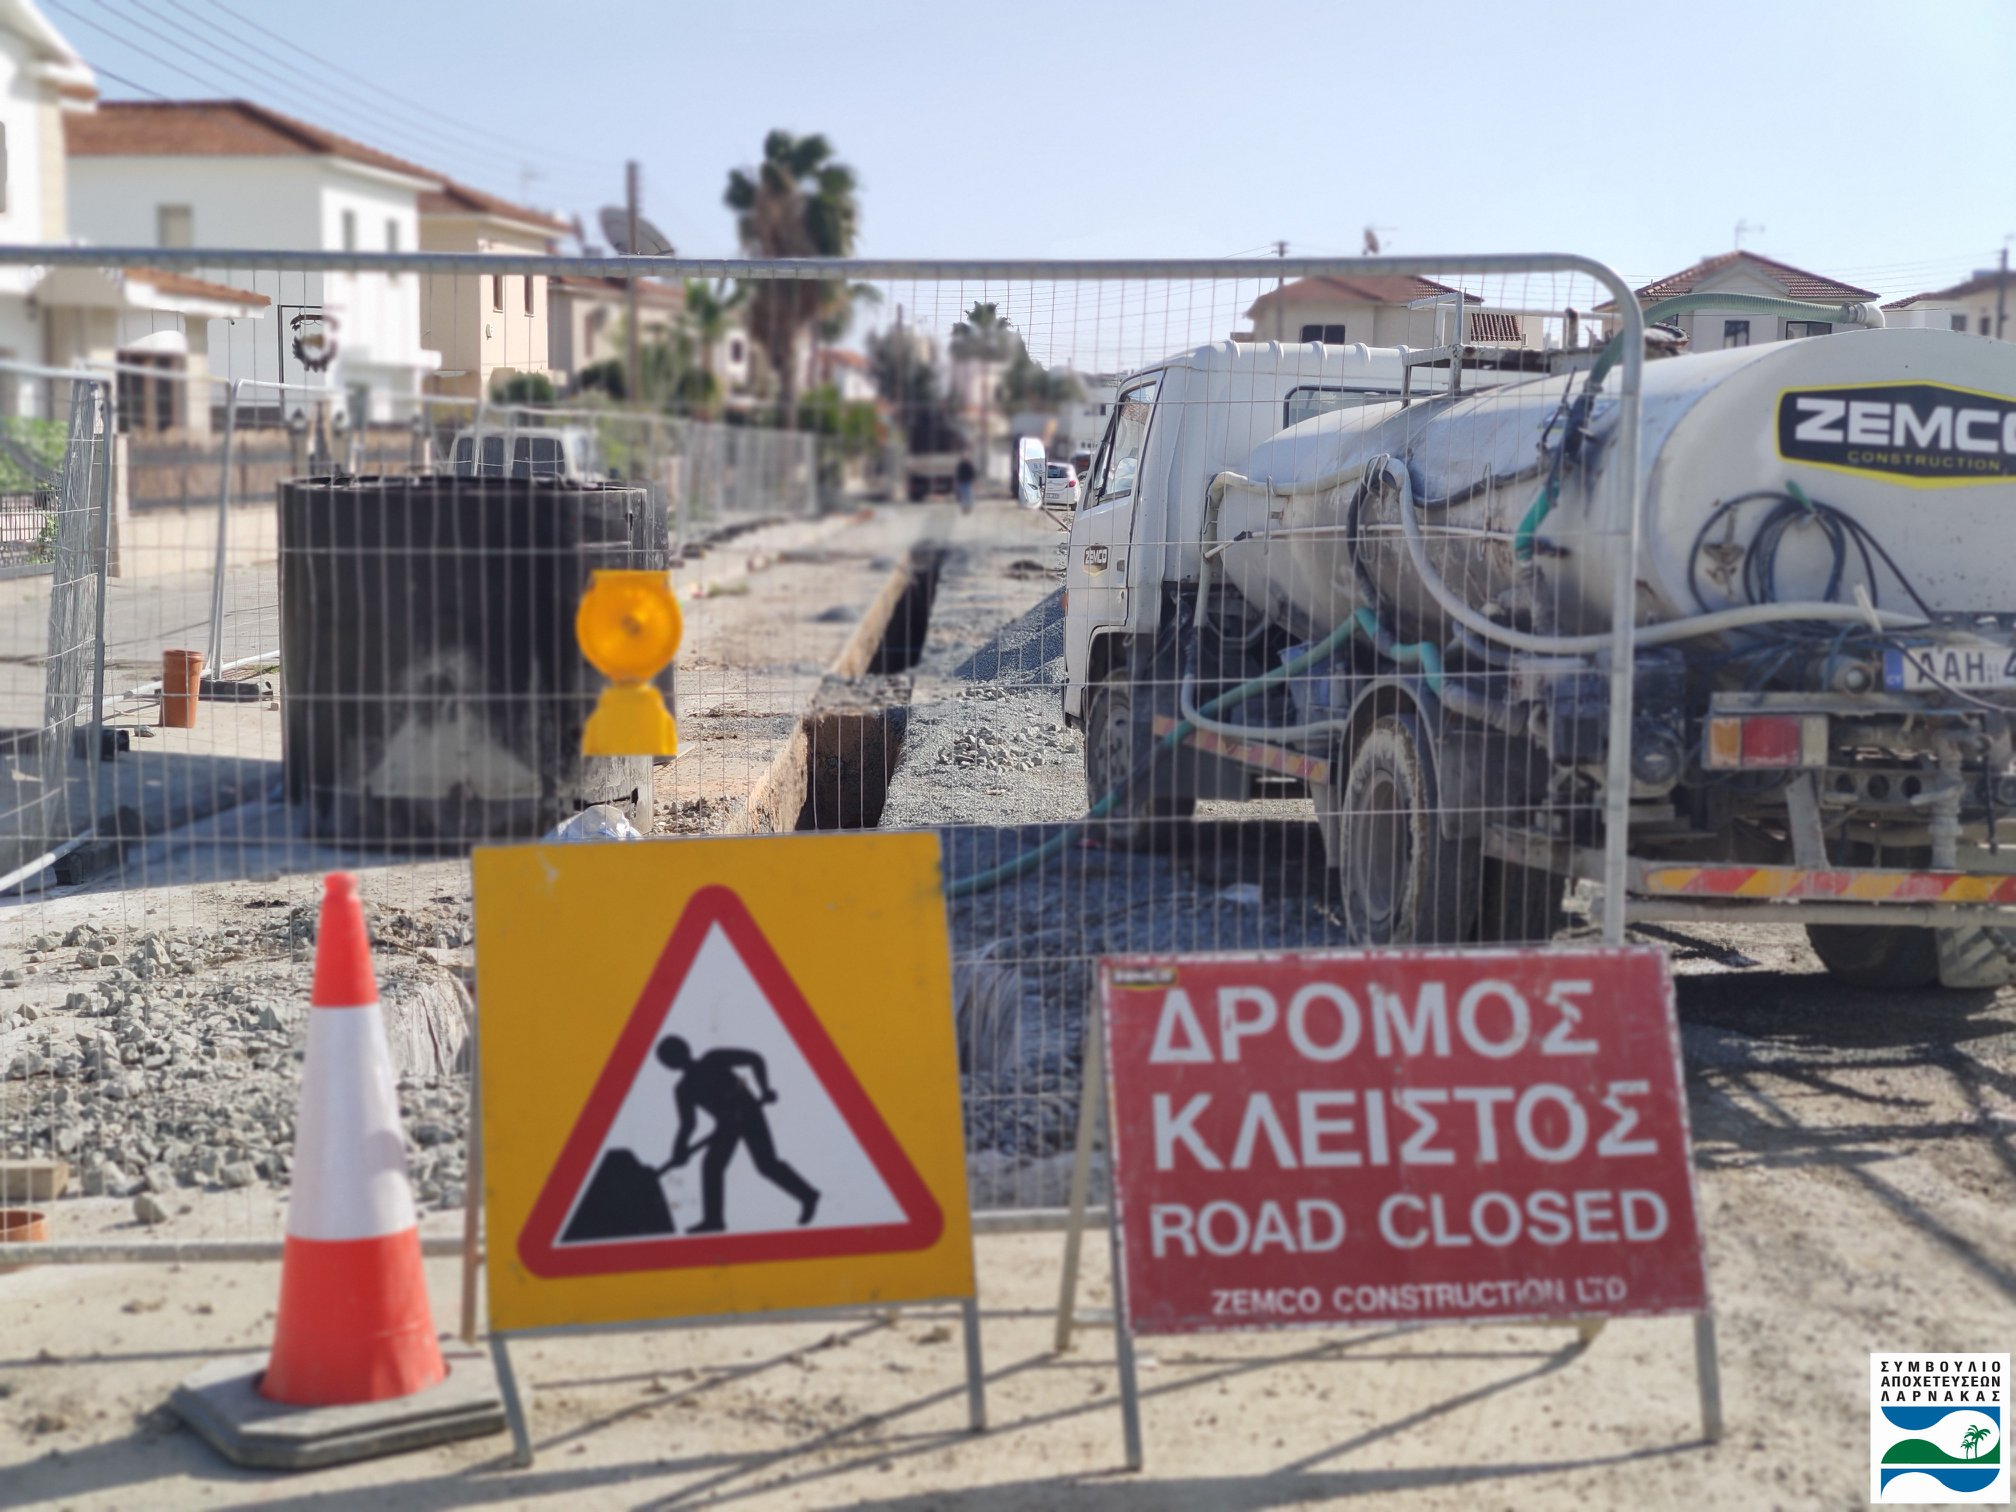 Δείτε ποιοι δρόμοι θα είναι κλειστοί αυτή την εβδομάδα στη Λάρνακα λόγω έργων